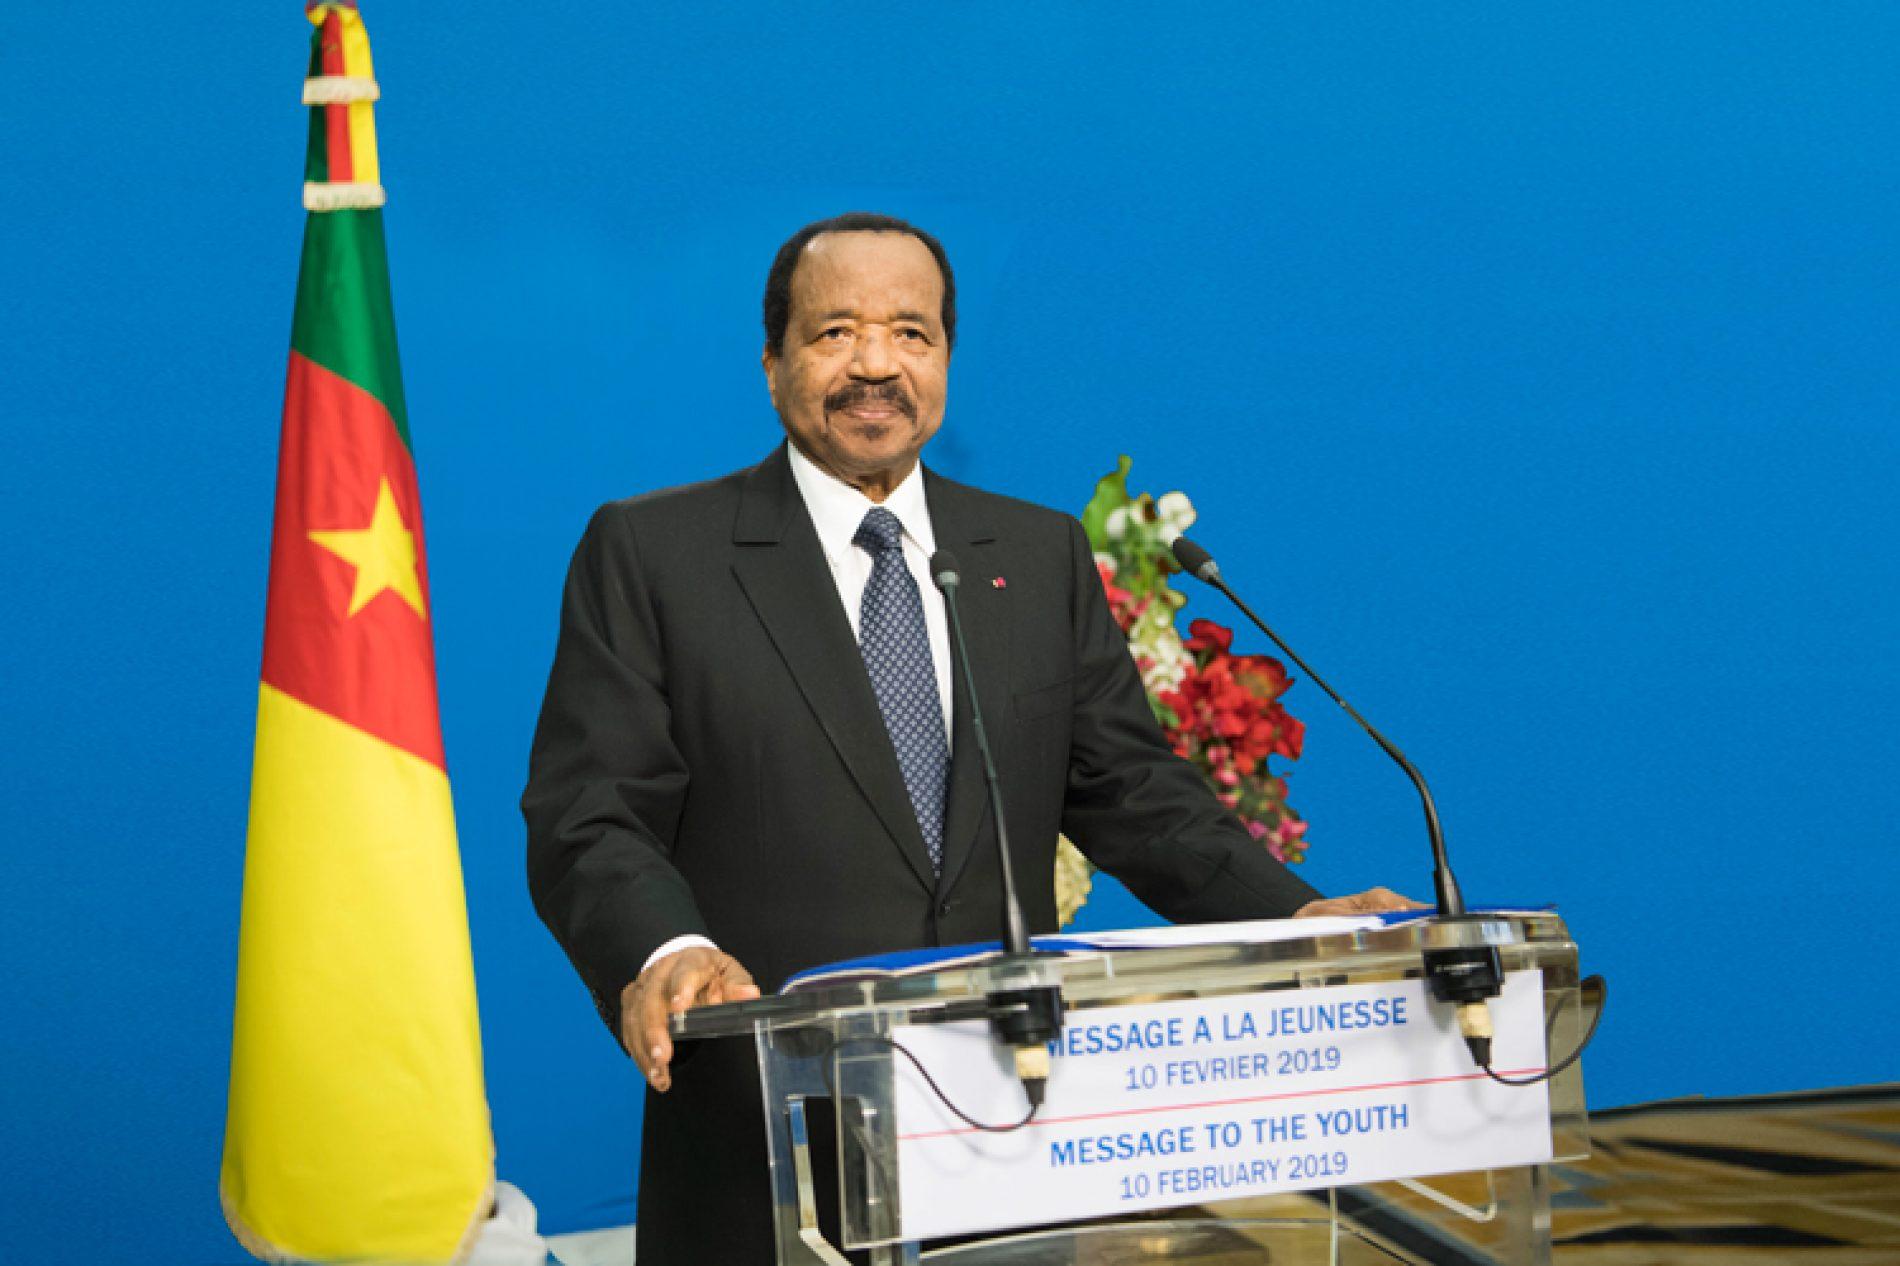 Emplois : Les chiffres improbables de Paul Biya